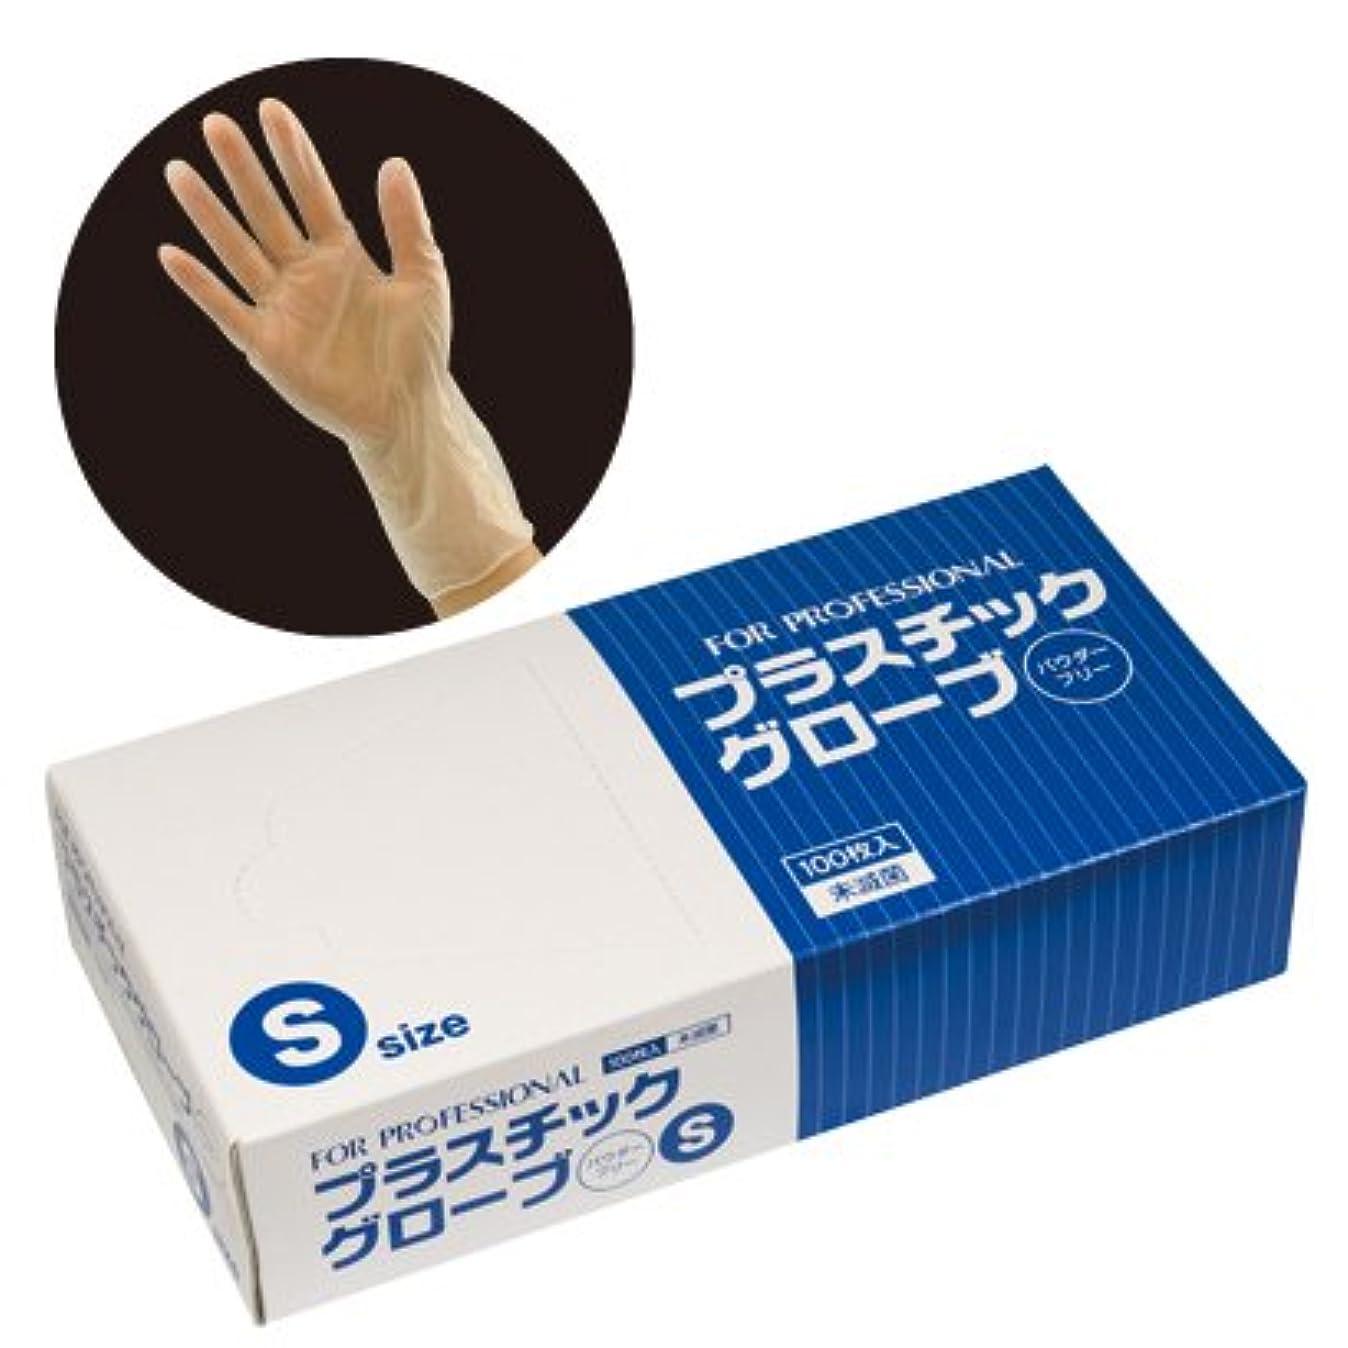 民兵ホーン知覚的【業務用】 FEED(フィード) プラスチックグローブ(手袋) パウダーフリー/S カートン(100枚入×10ケース) (作業用) (378円/1個あたり)